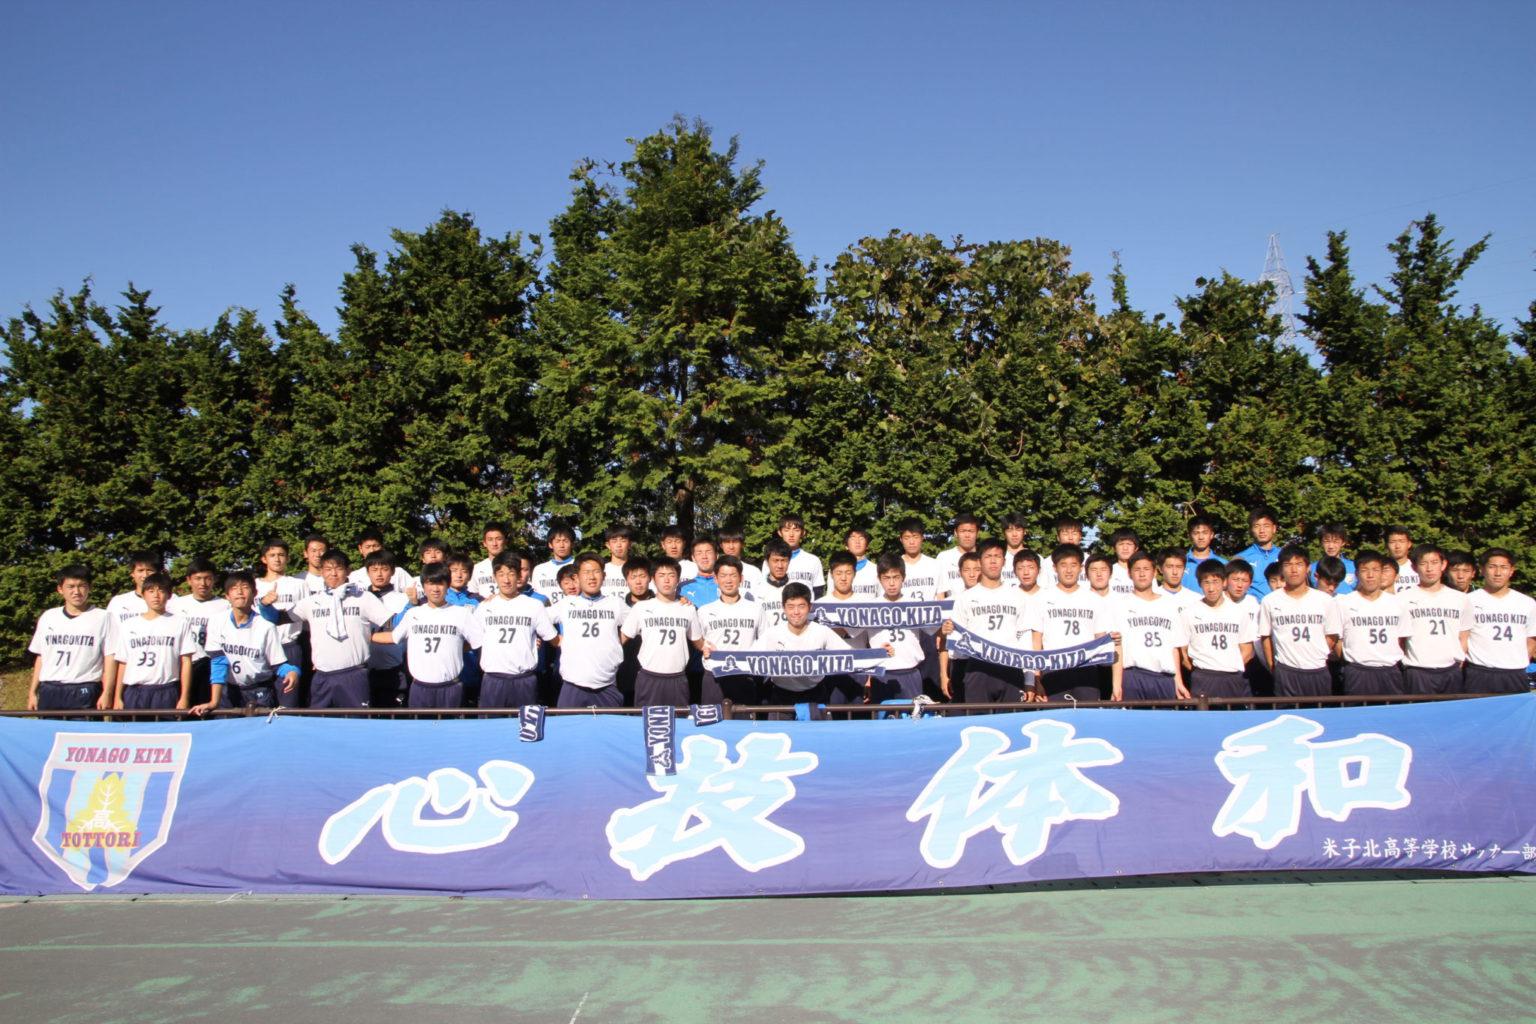 2019中国プリンスリーグ 敗戦も勝ち点35で首位キープ!